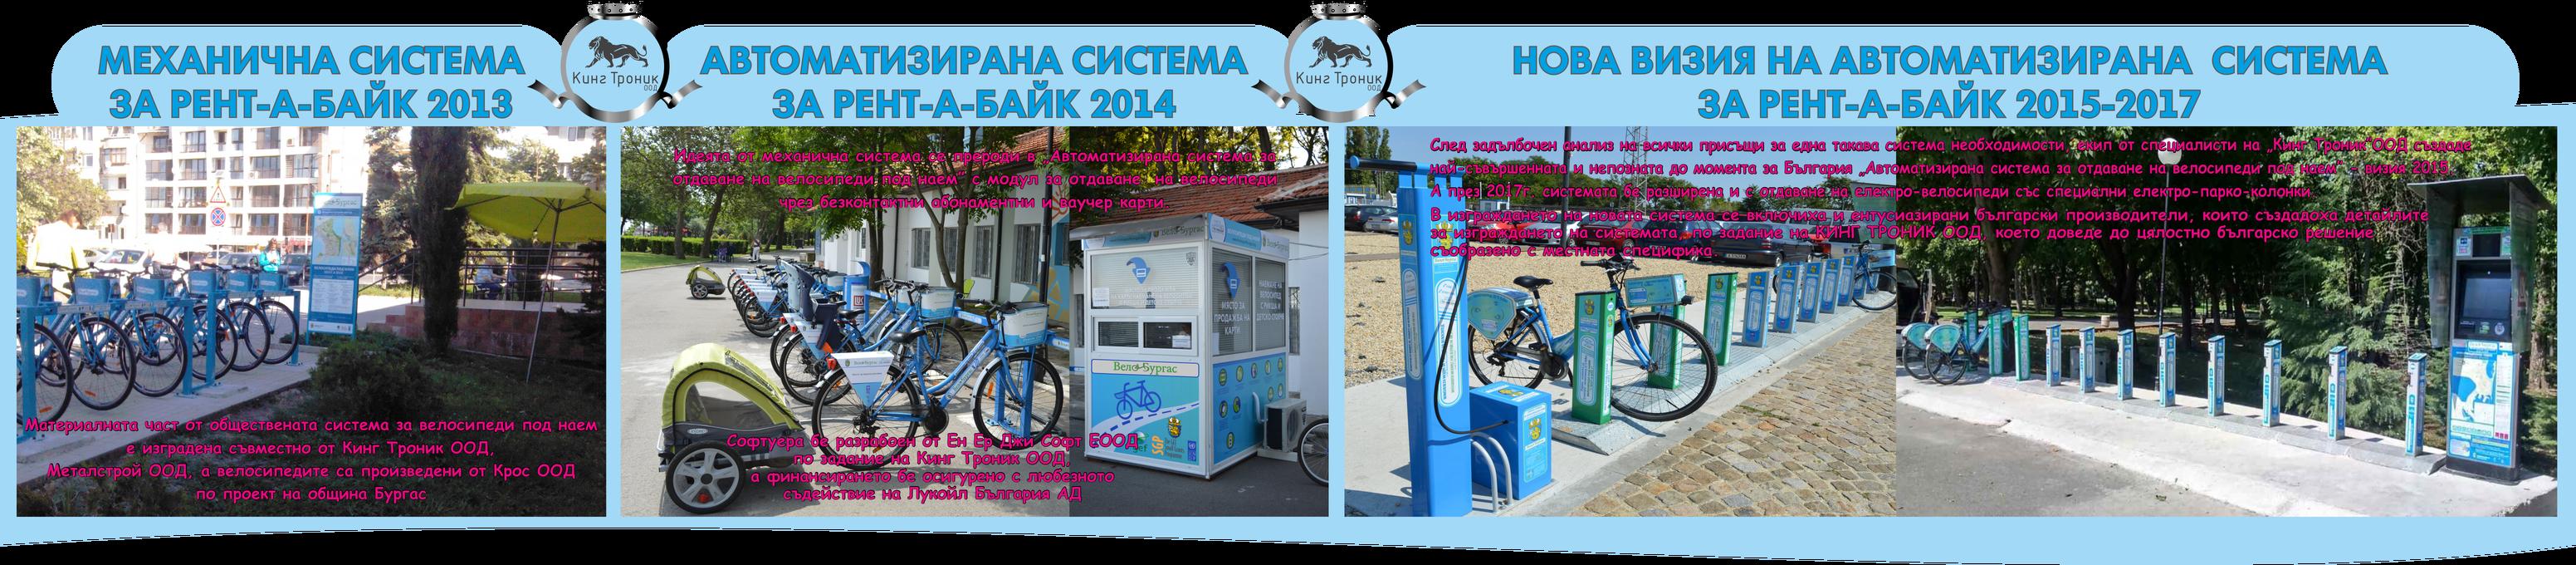 Изградени велостанции 2013+2014+2015+2016+2017